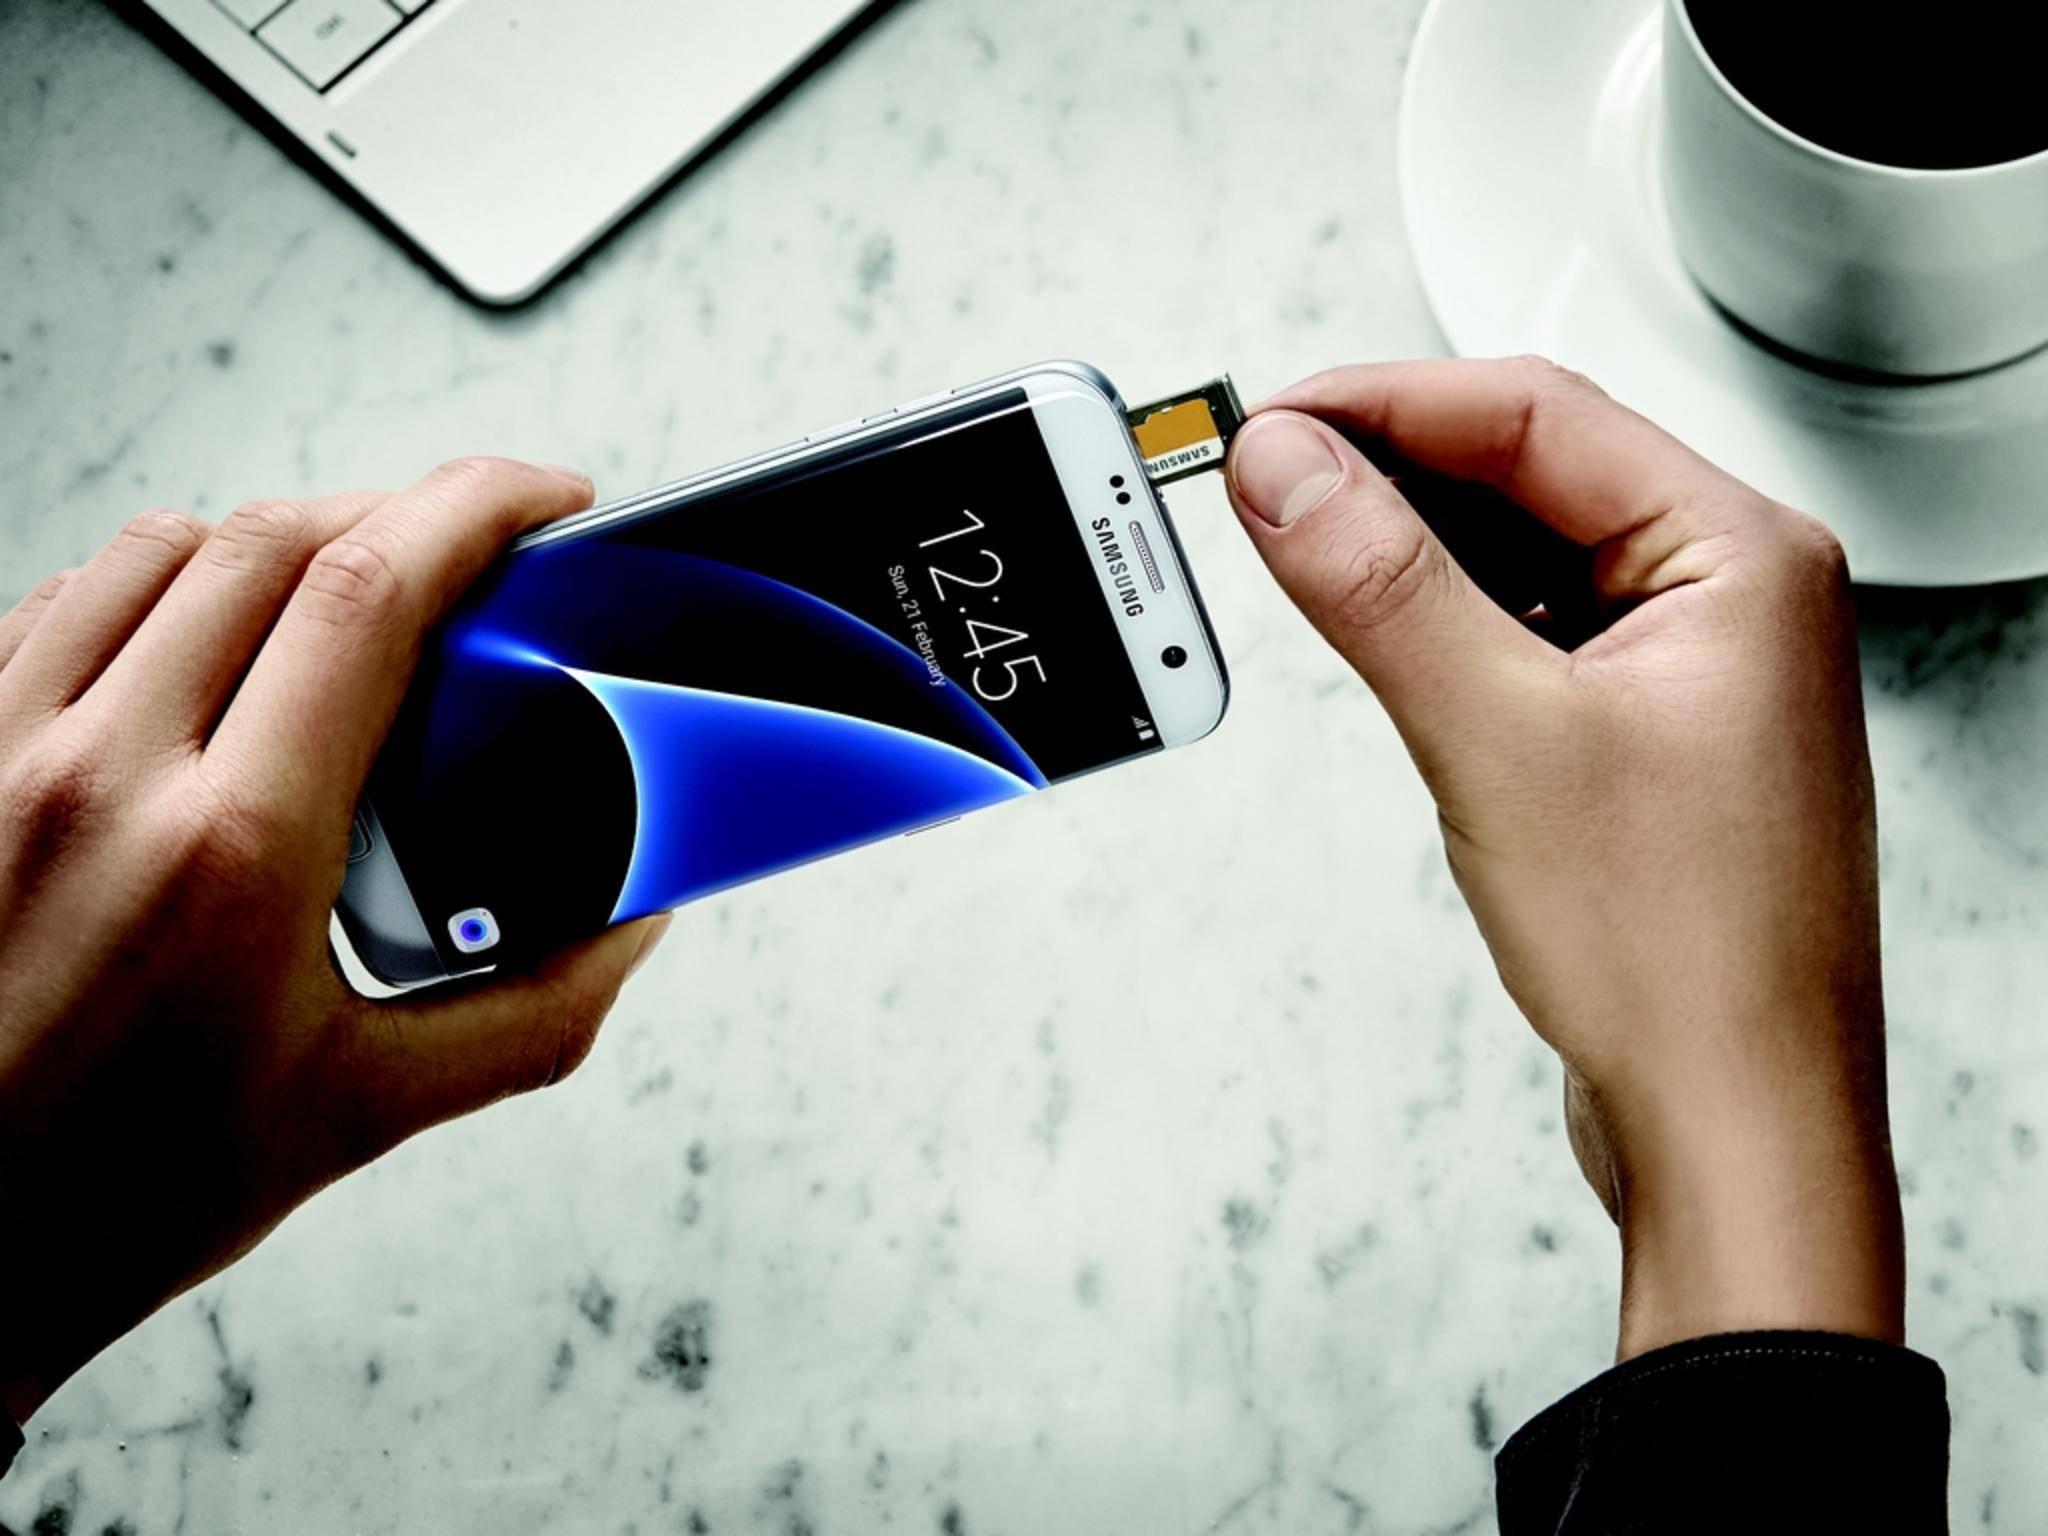 Der Speicher des Galaxy S7 Edge lässt sich erweitern.